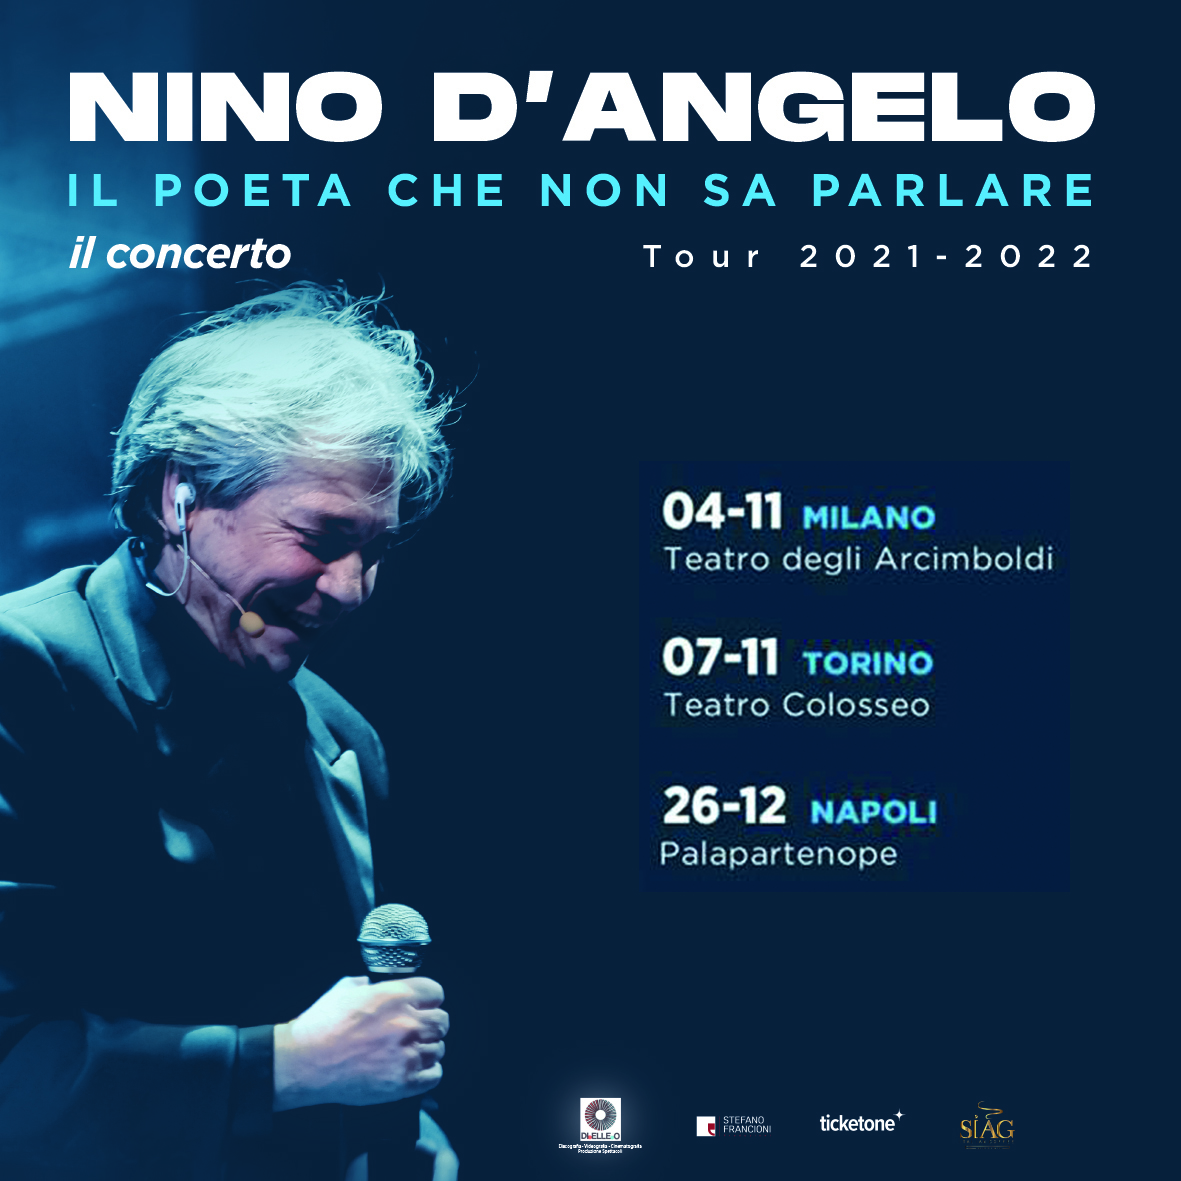 """NINO D'ANGELO,  """"IL POETA CHE NON SA PARLARE"""" TOCCHERÀ TUTTA ITALIA DA NORD A SUD CON IL NUOVO TOUR DI CONCERTI IN TEATRO"""